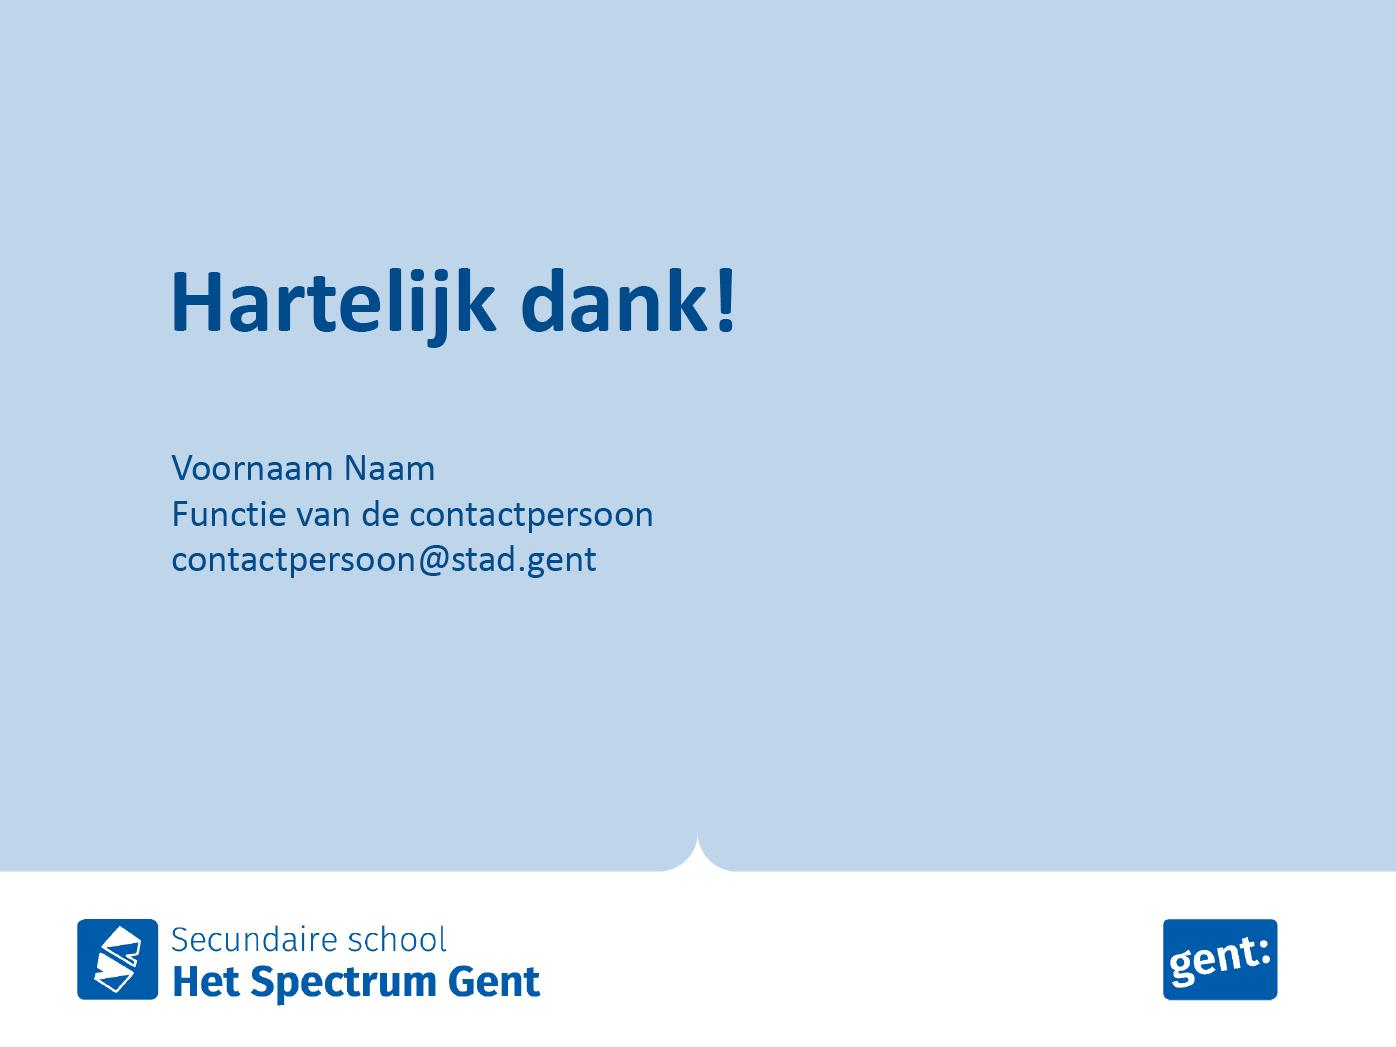 """Dia-type """"slotscherm"""", gepersonaliseerd voor de submerken van het secundair onderwijs. Powerpoint-sjabloon van de Stad Gent."""